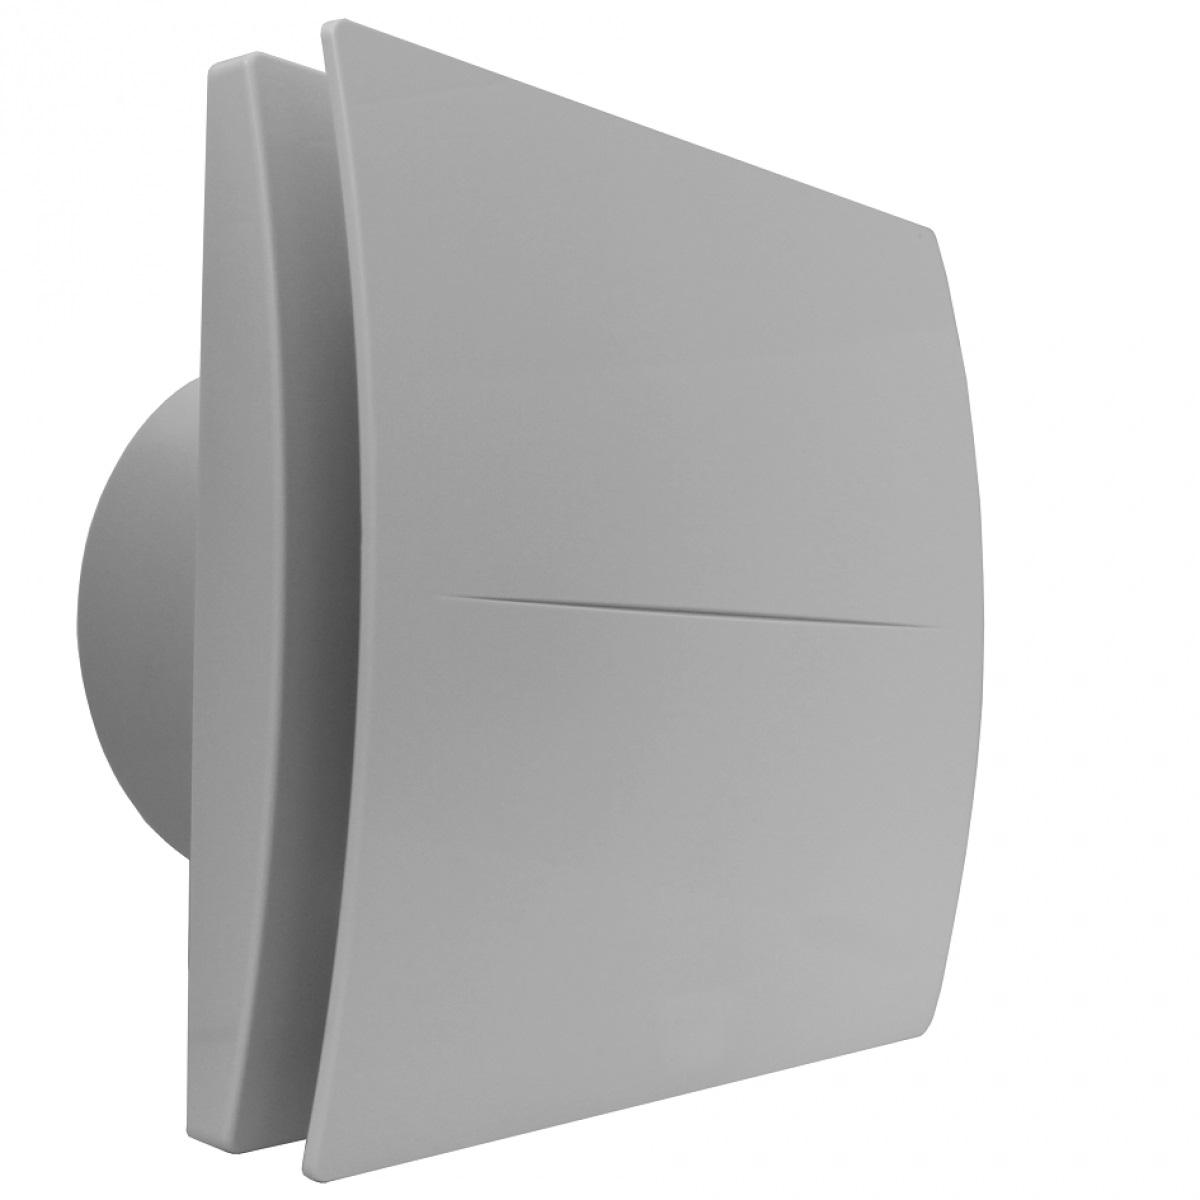 Aerauliqa QD-100 BB szellőztető ventilátor